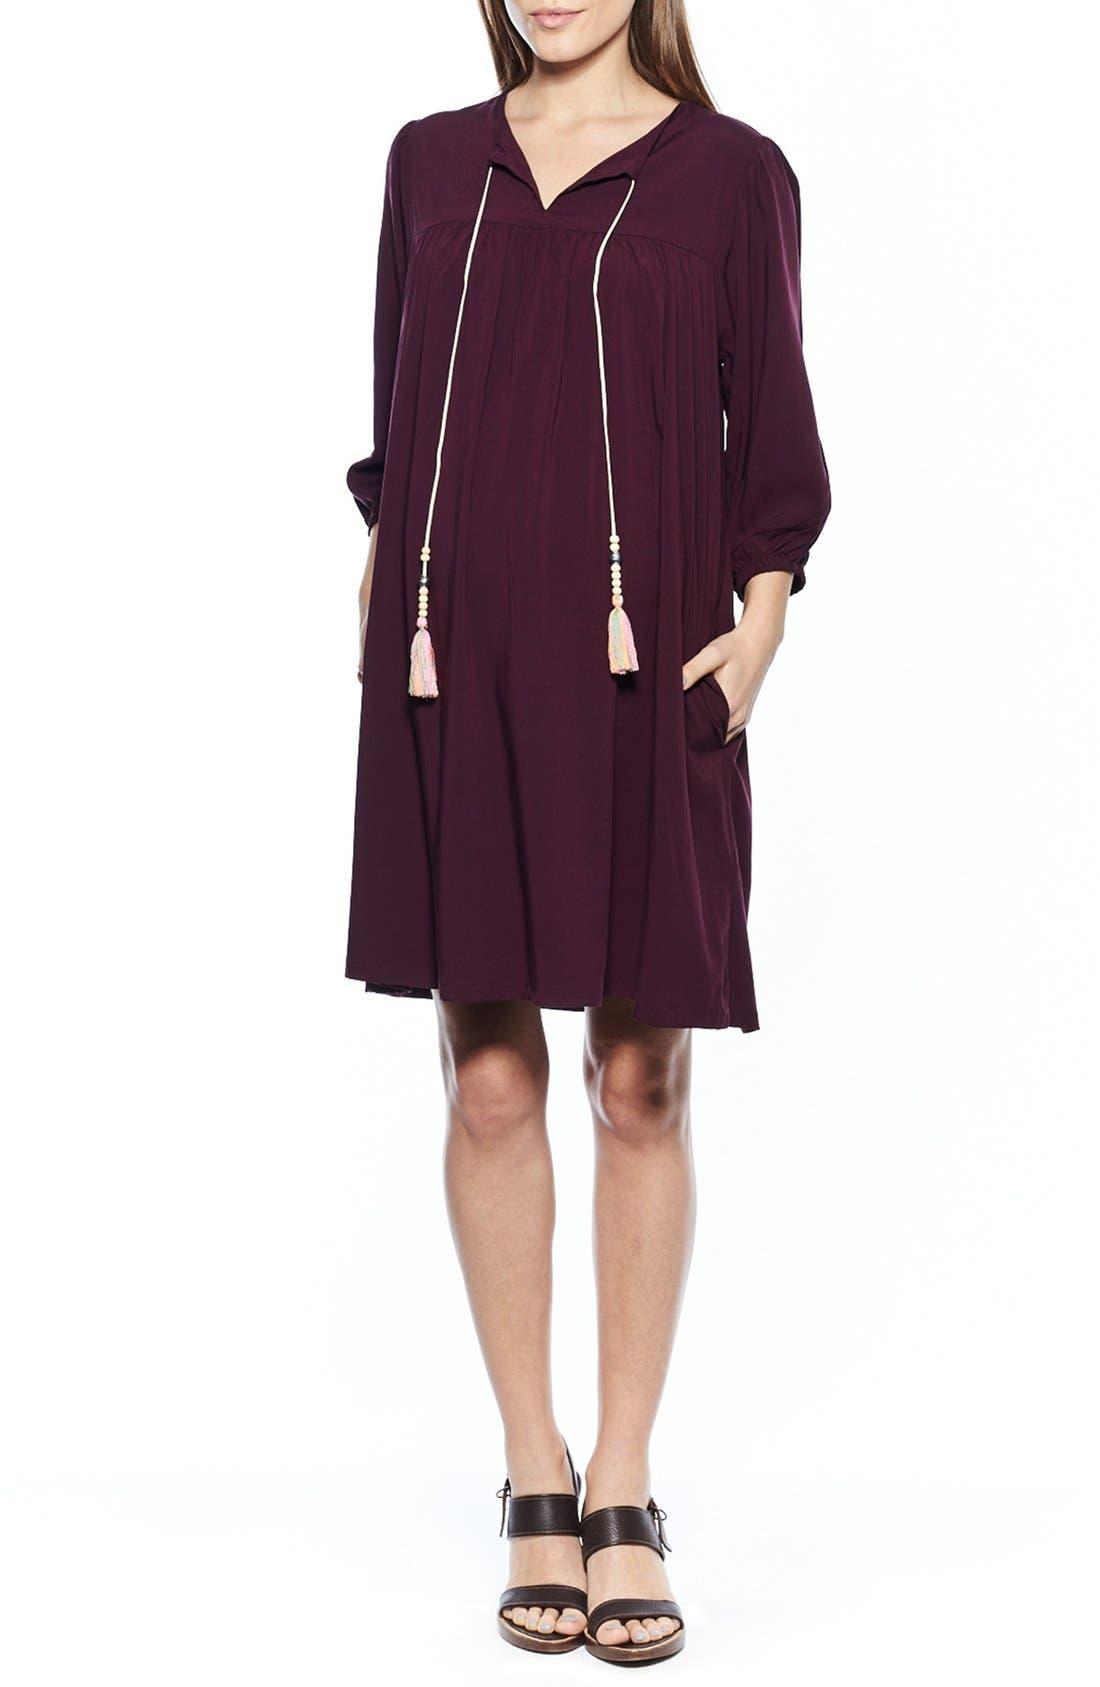 IMANIMO Boho Tunic Dress